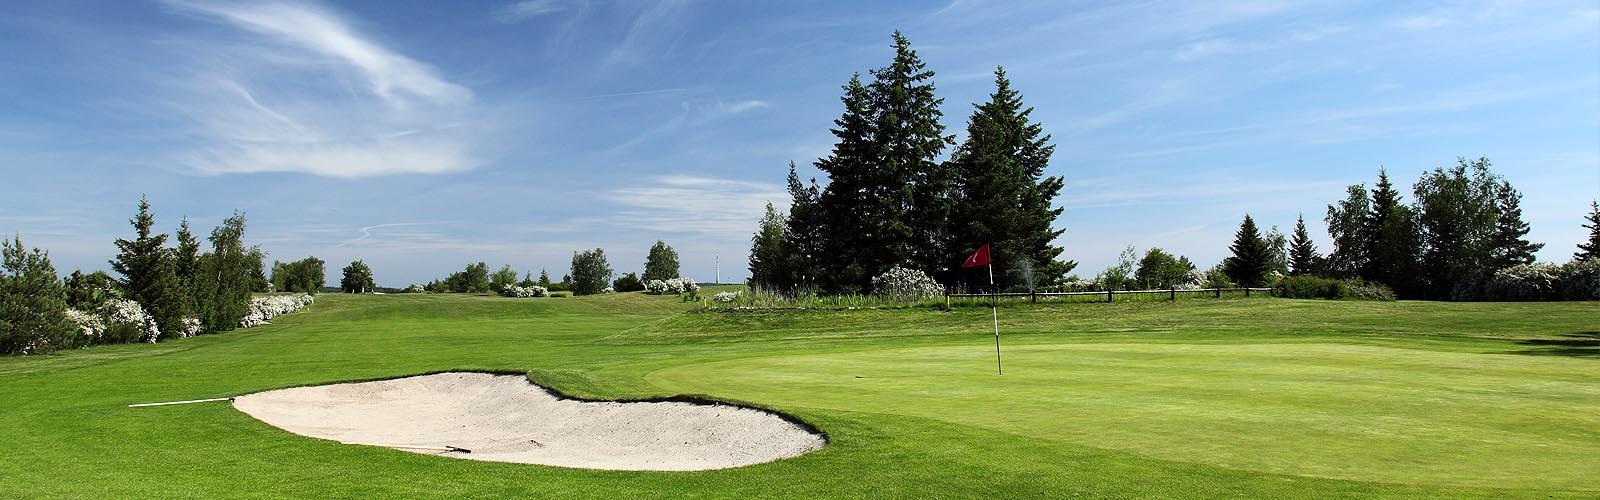 BSNC-Golfbaan